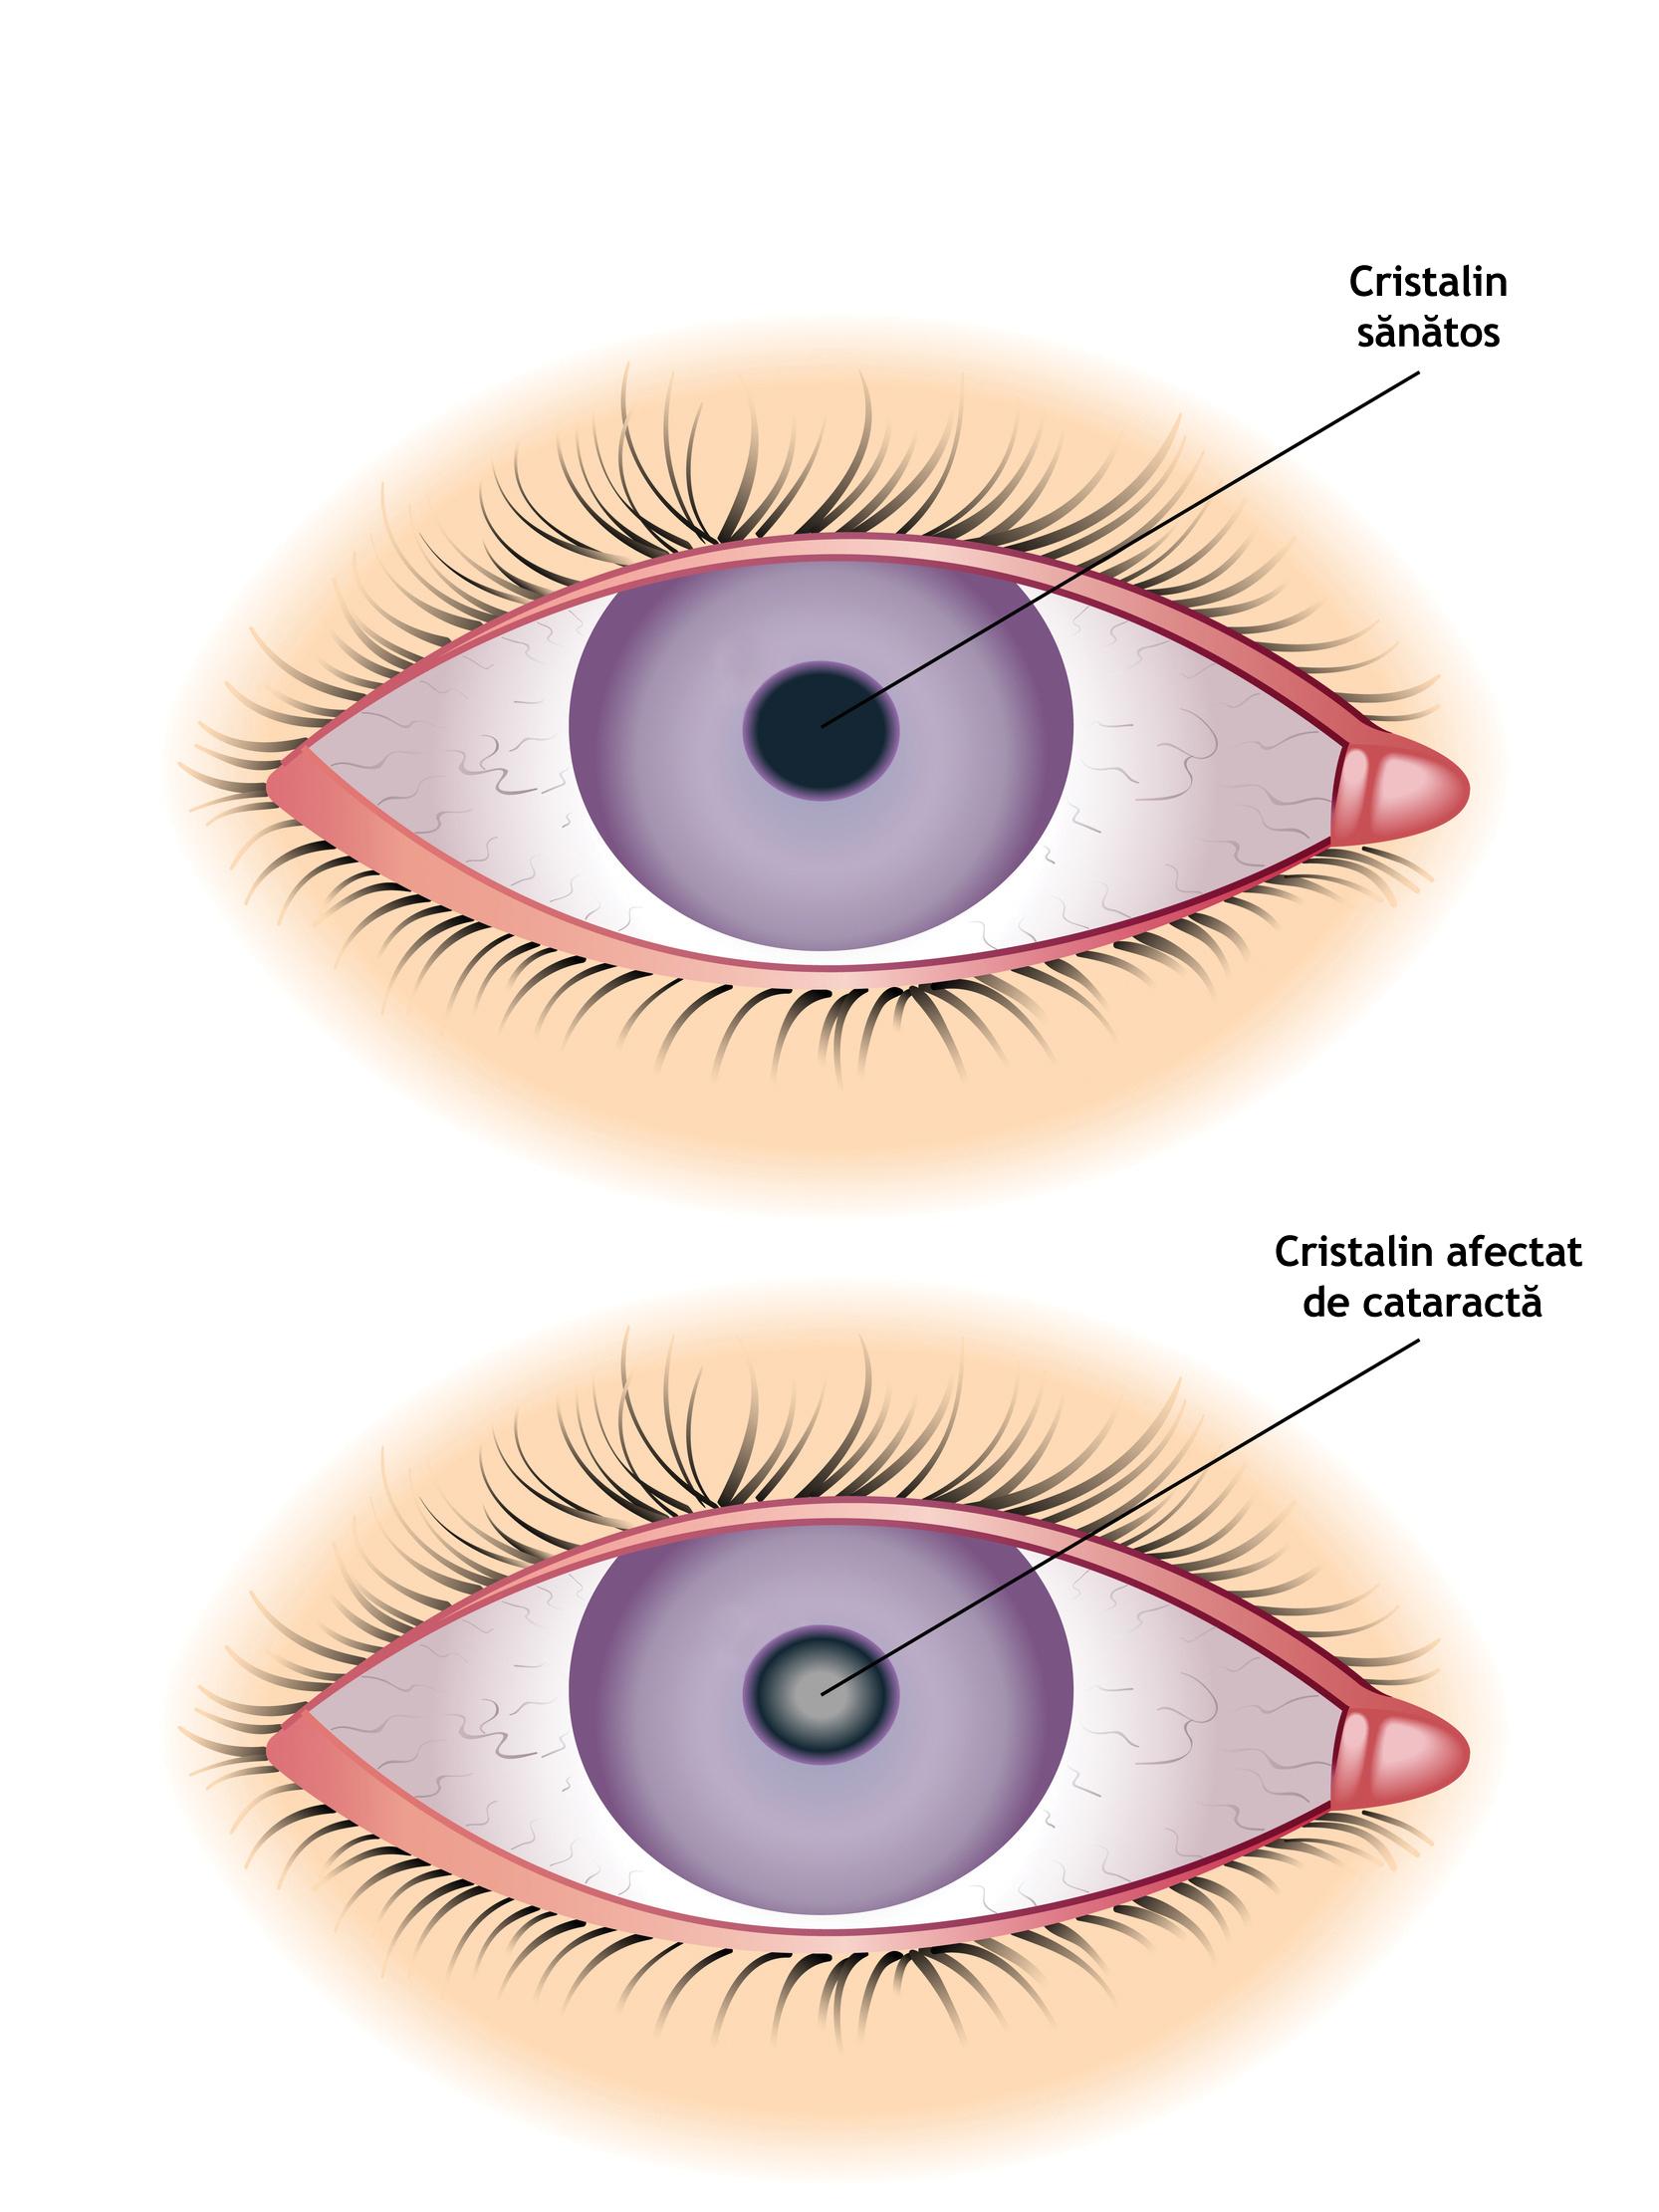 50% viziune este cât de mult vedere ochi de renaștere